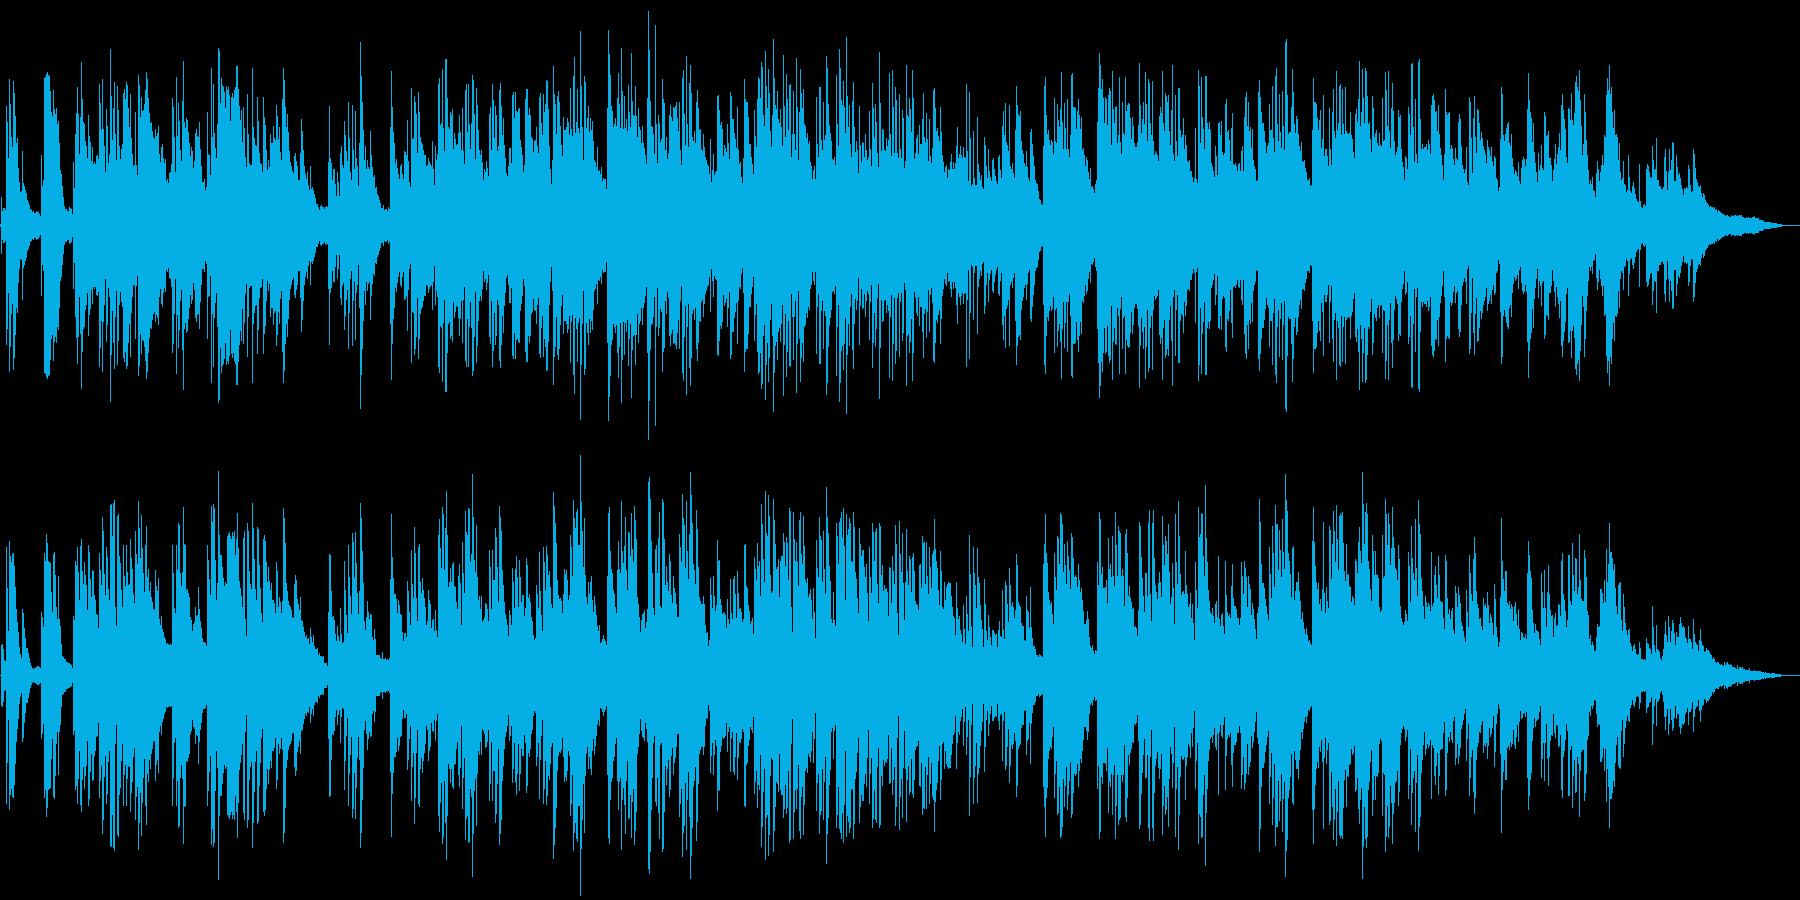 感動的な雰囲気の 癒しのピアノソロの再生済みの波形